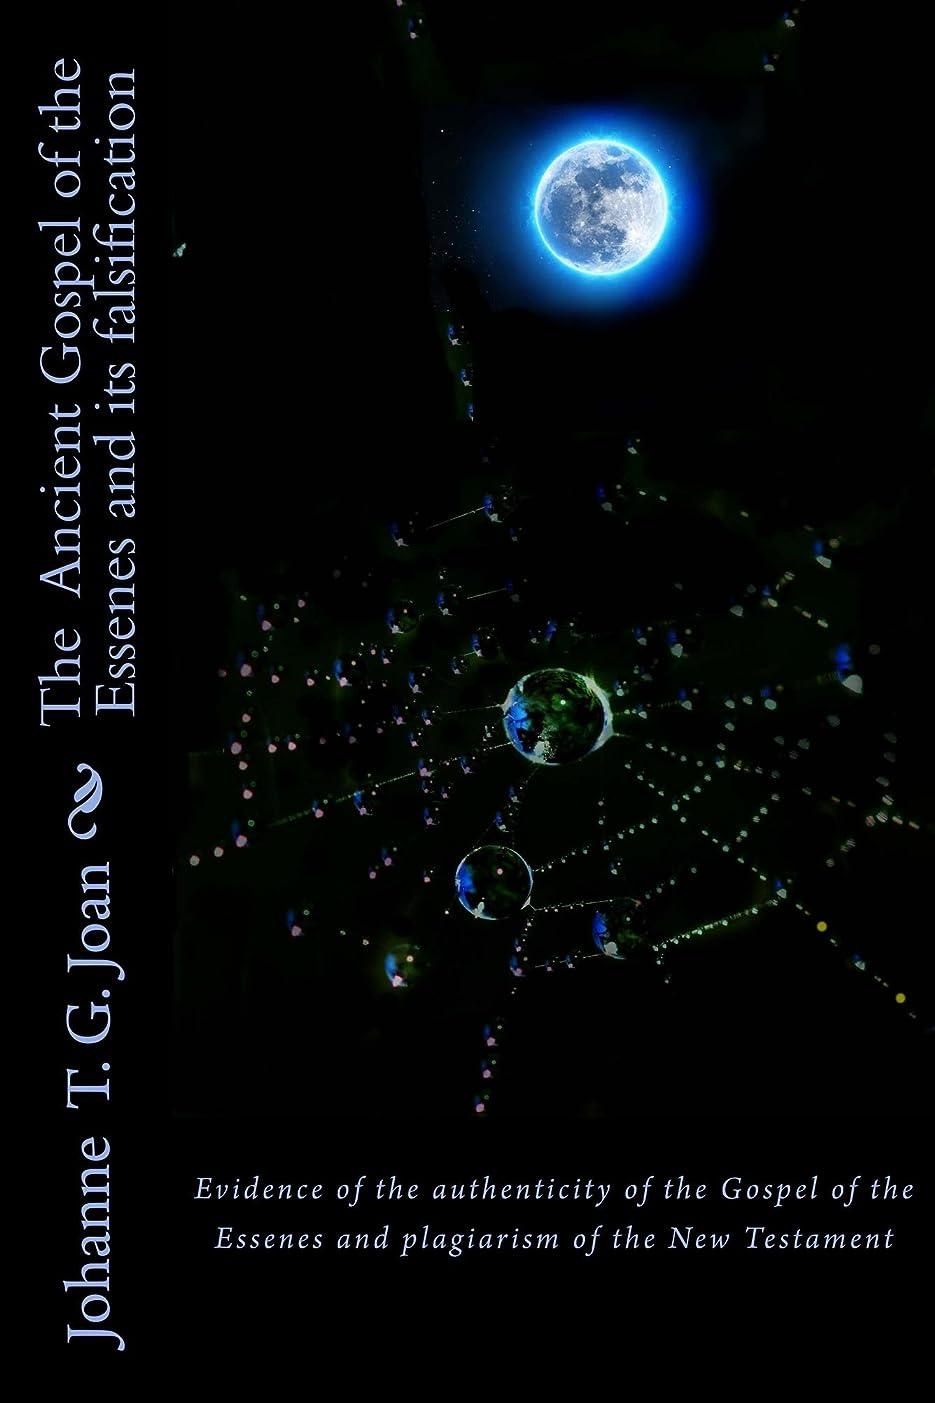 ルネッサンス標高世界に死んだThe Ancient Gospel of the Essenes and its falsification: The secret Gospel of St. John (English Edition)